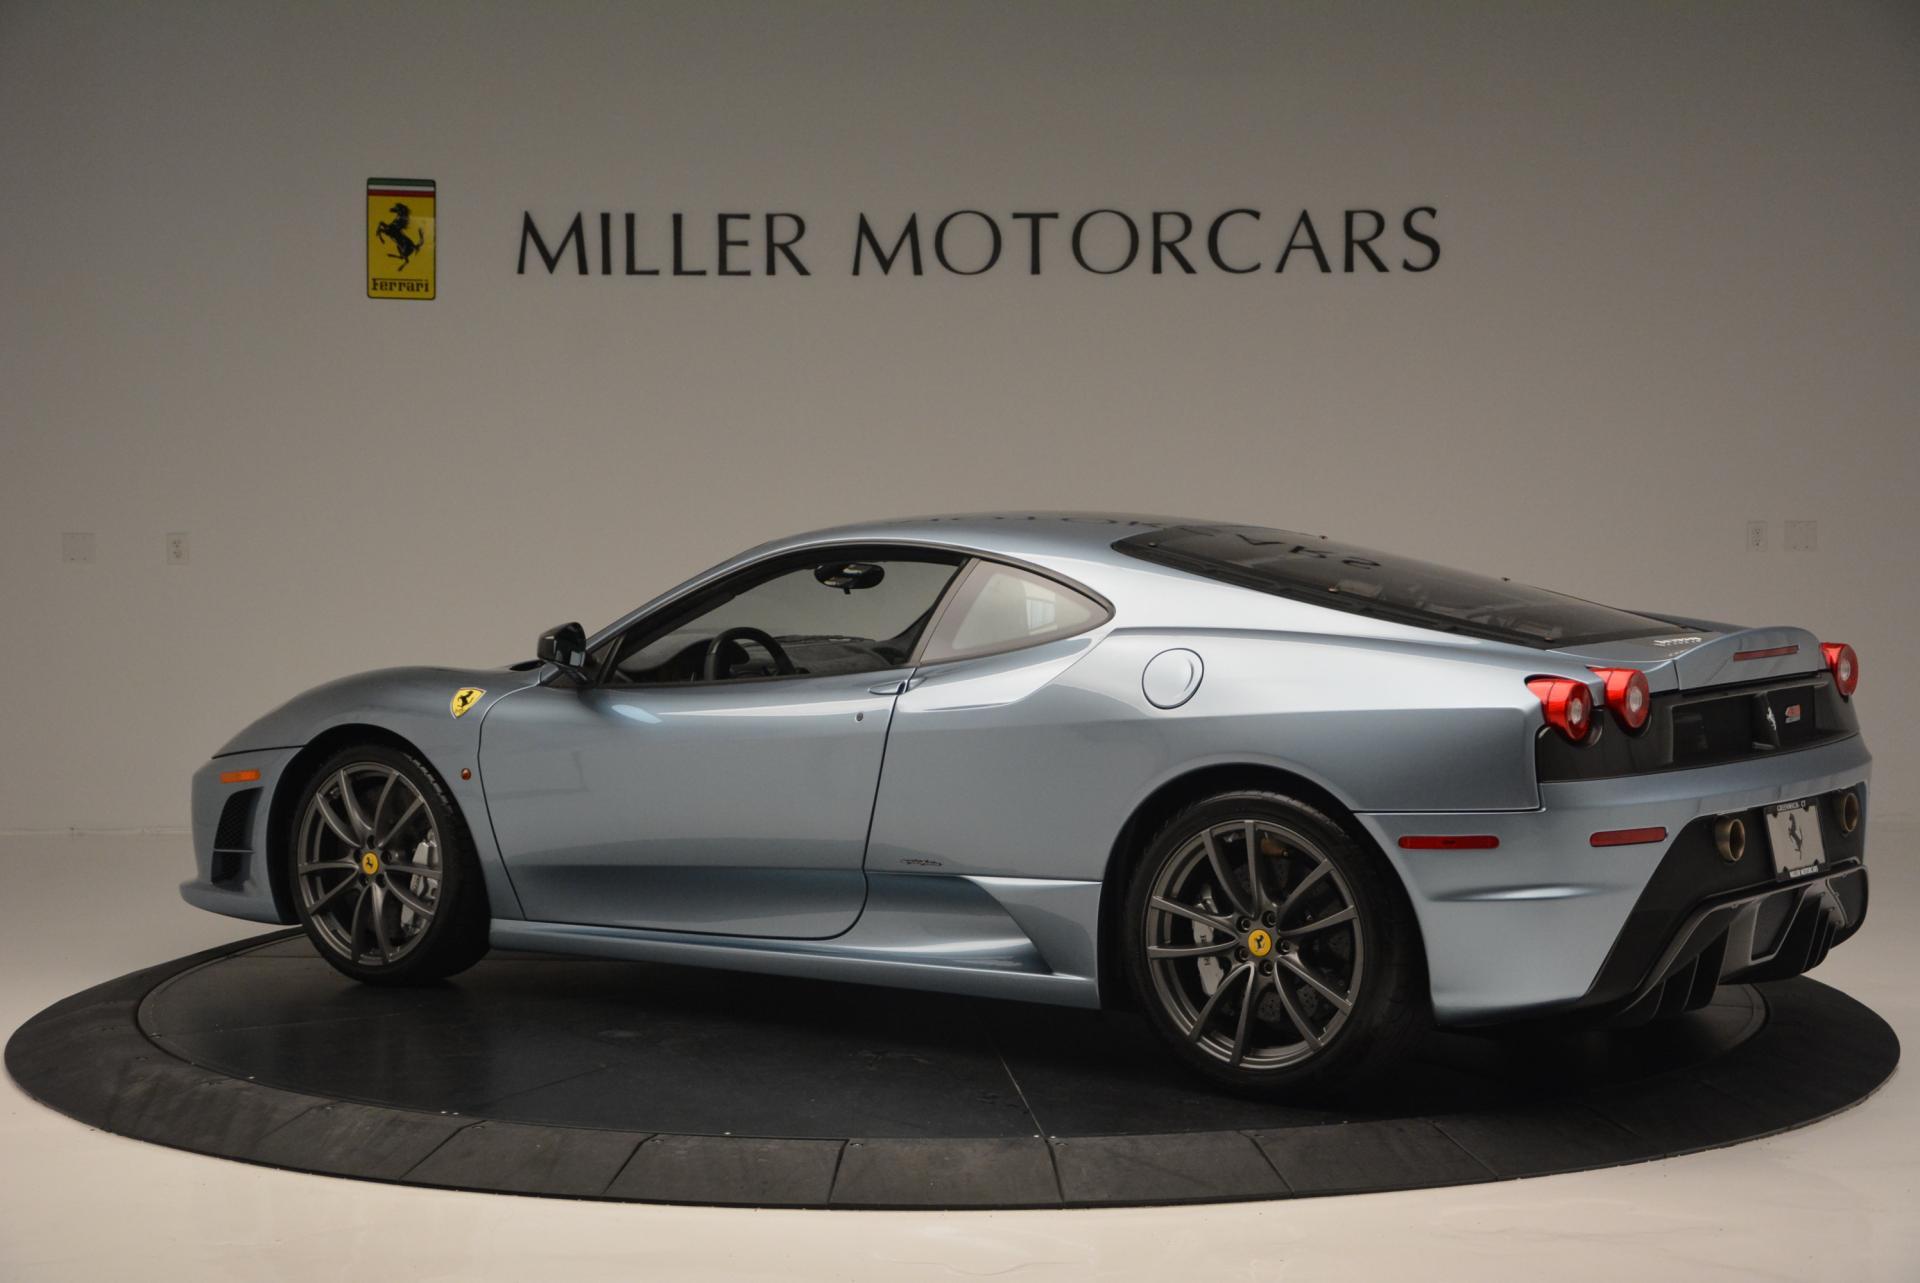 Used 2008 Ferrari F430 Scuderia For Sale In Greenwich, CT. Alfa Romeo of Greenwich, 4310 146_p4